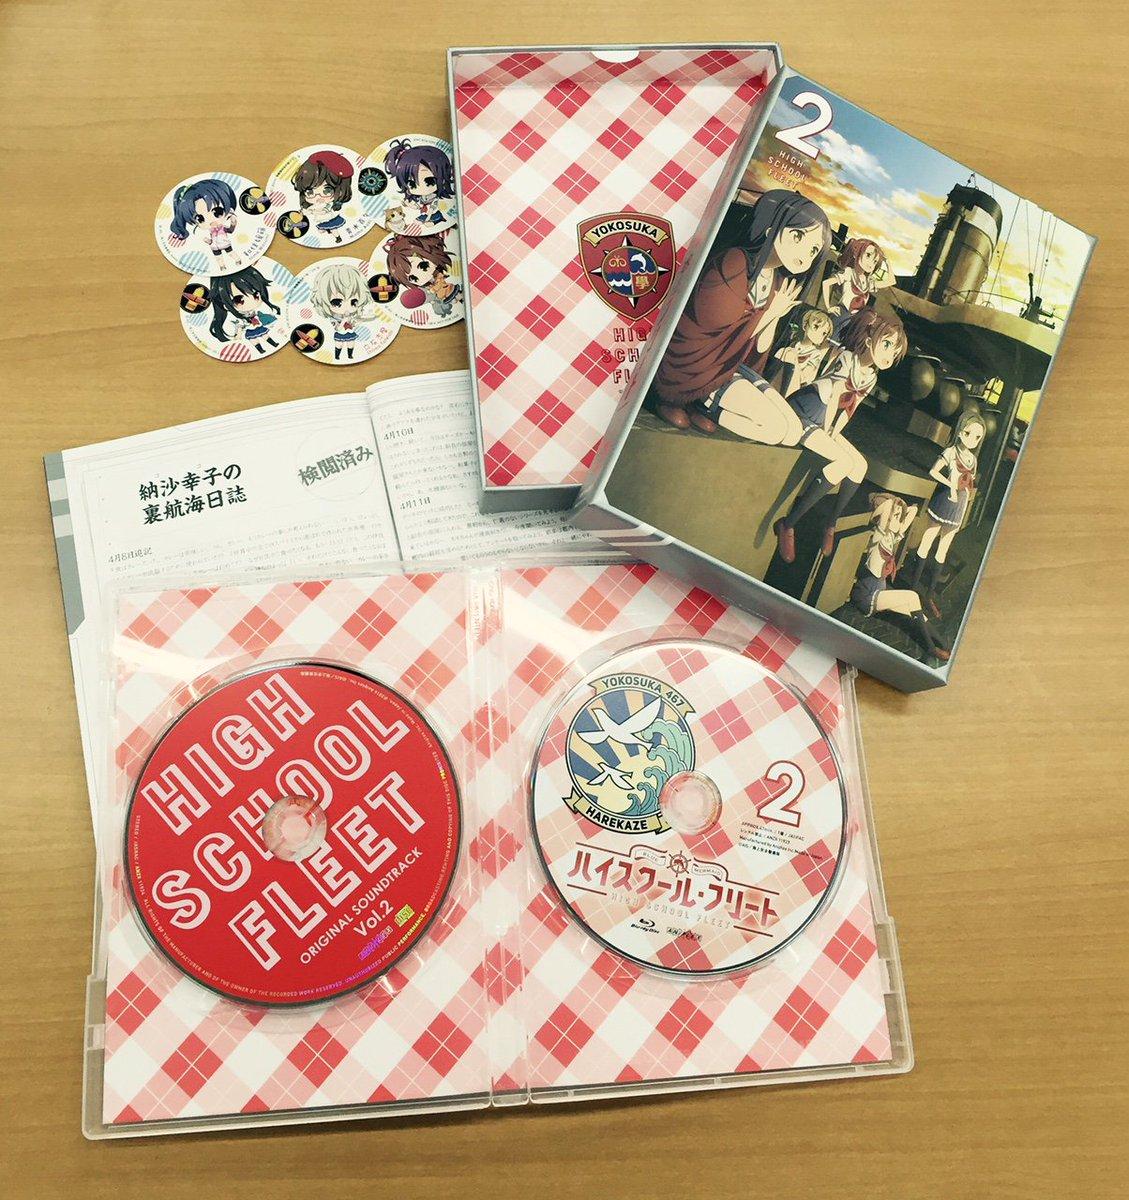 「ハイスクール・フリート」BD&DVD第2巻は明日、7月27日発売!2巻にはスペシャルイベント【昼公…